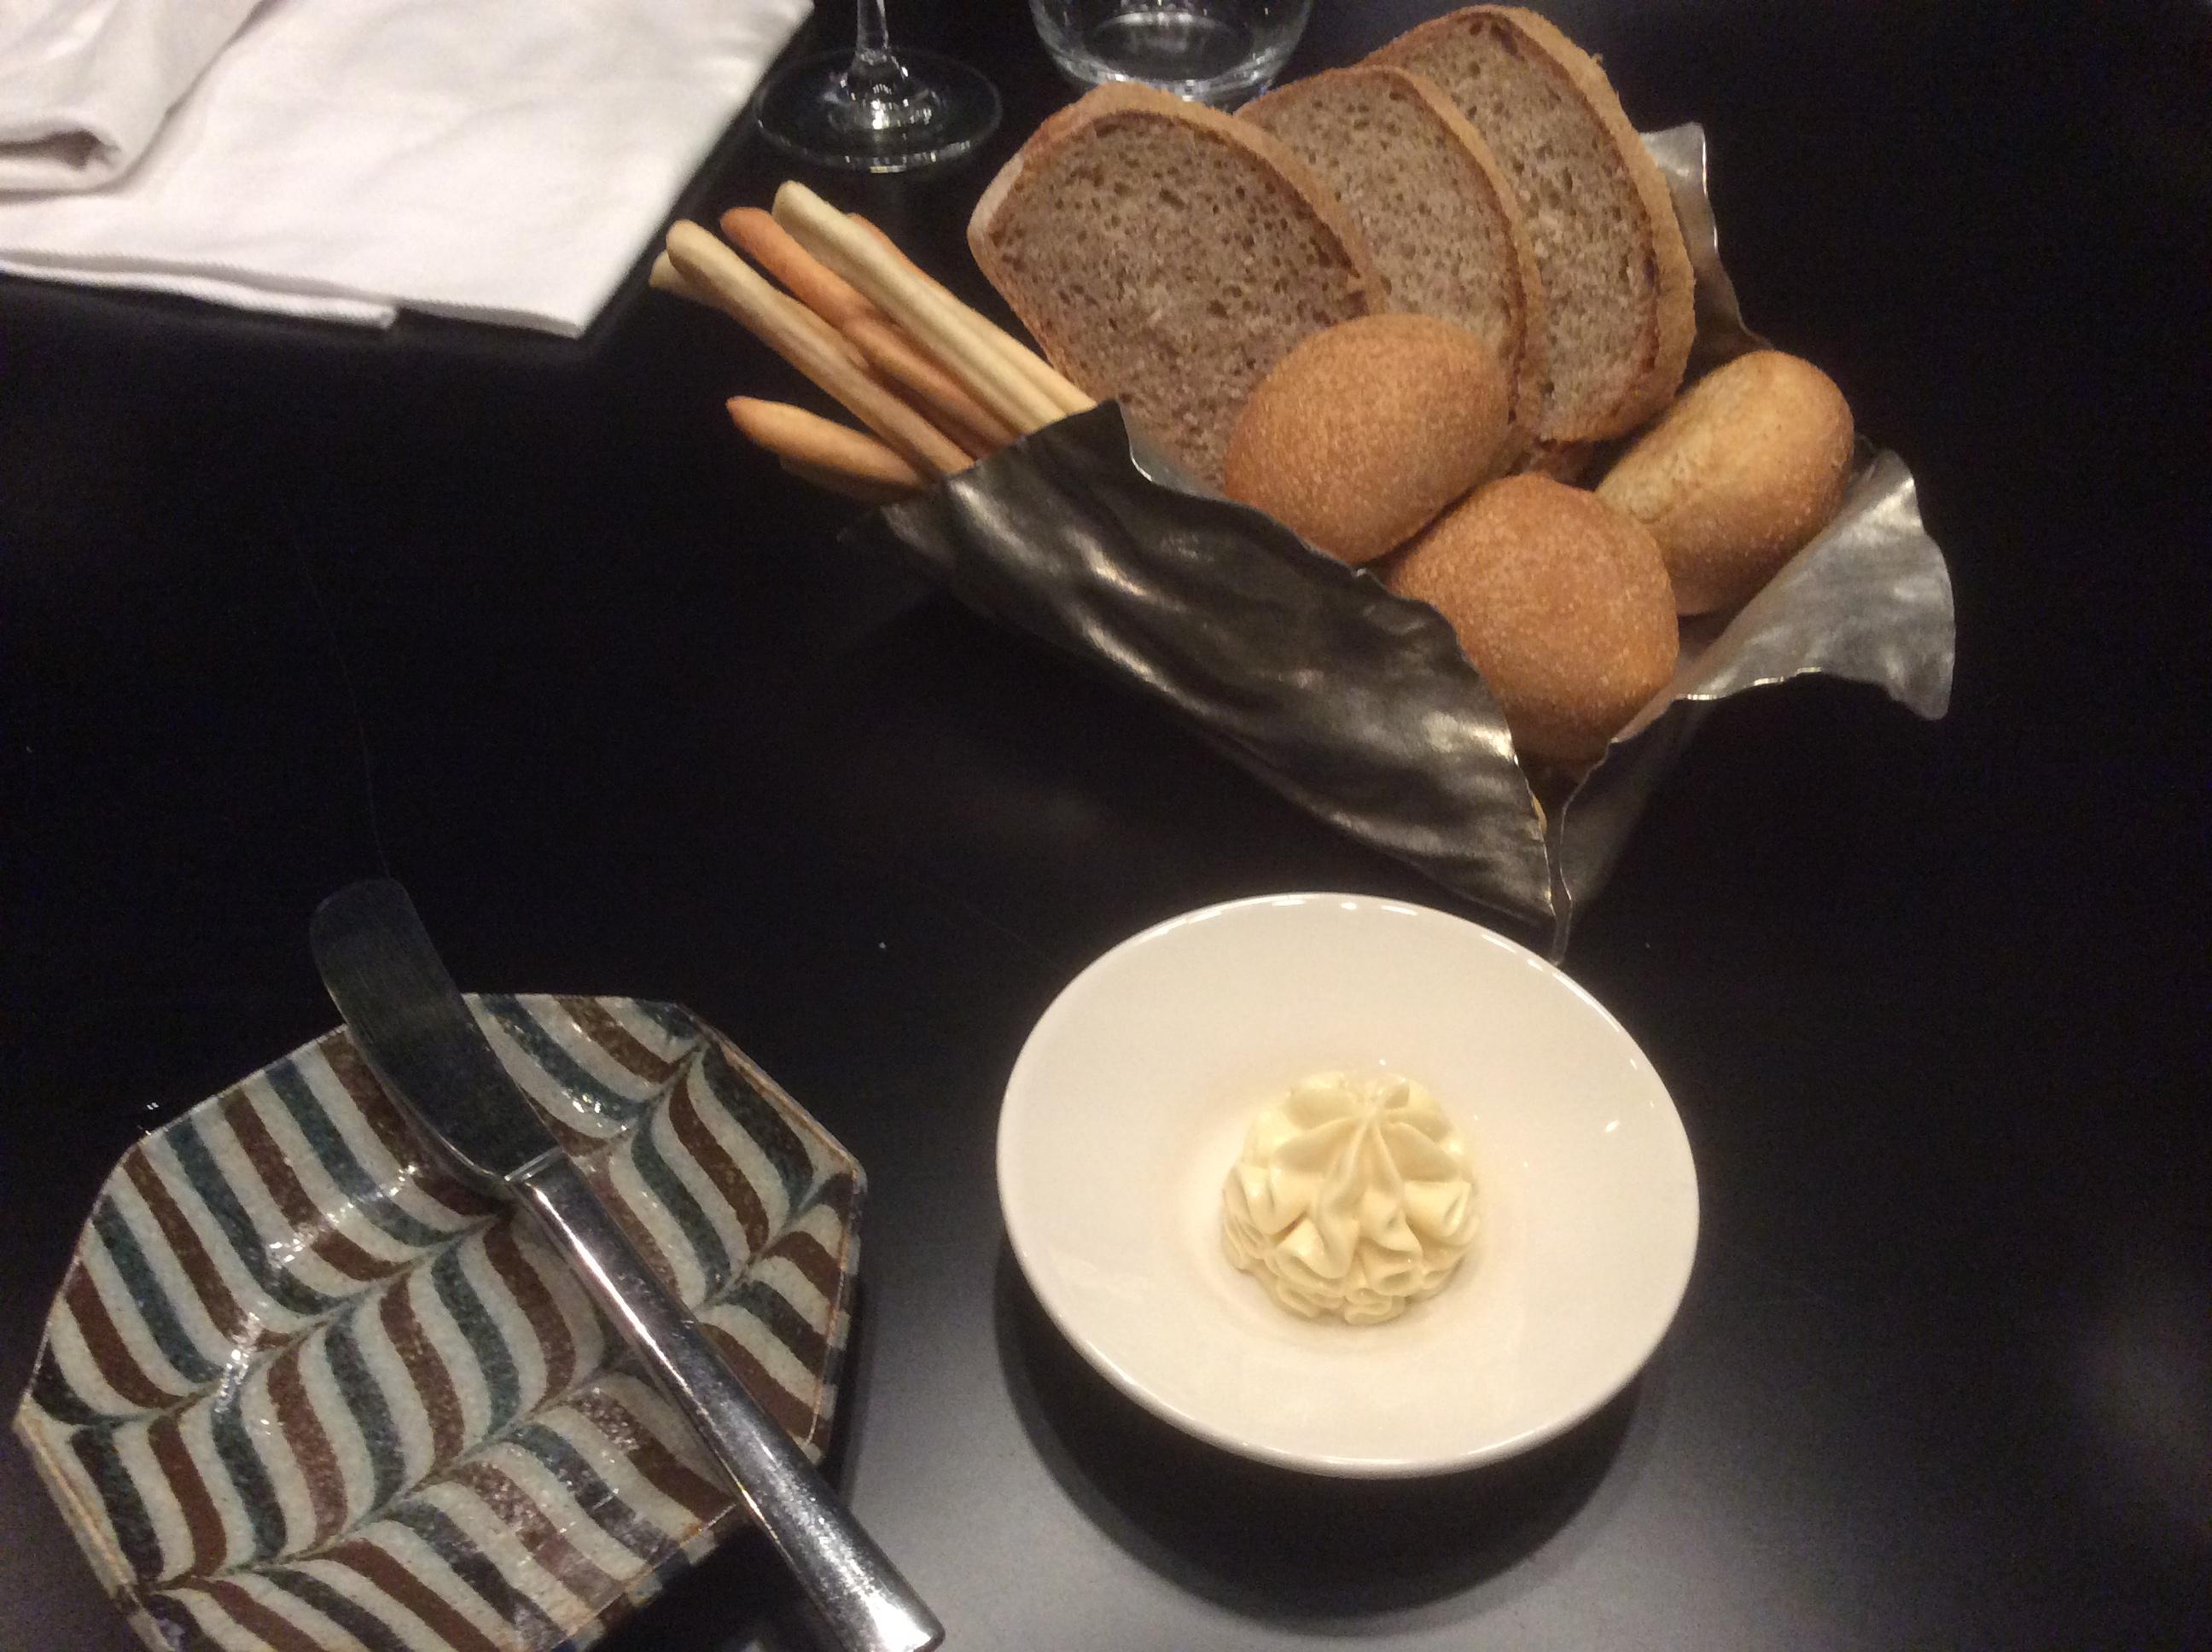 http://gourmet-italian.com/3035.JPG